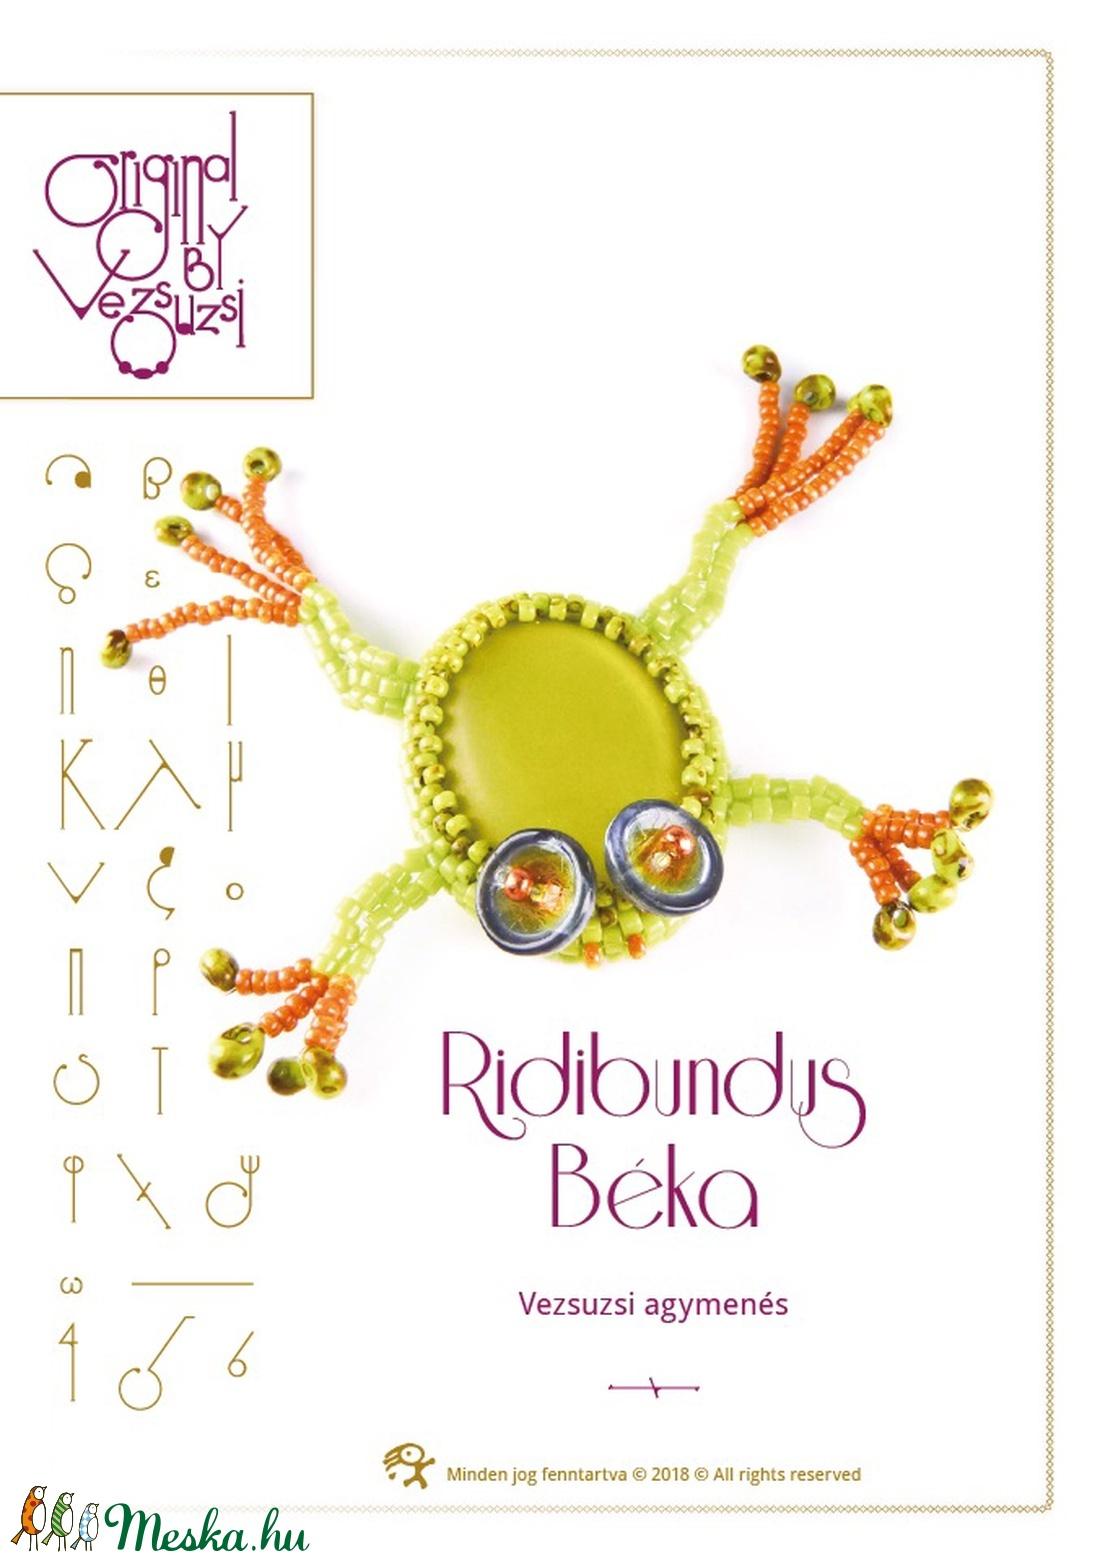 Ridibundus a béka... minta egyéni felhasználásra (vezsuzsiminta) - Meska.hu